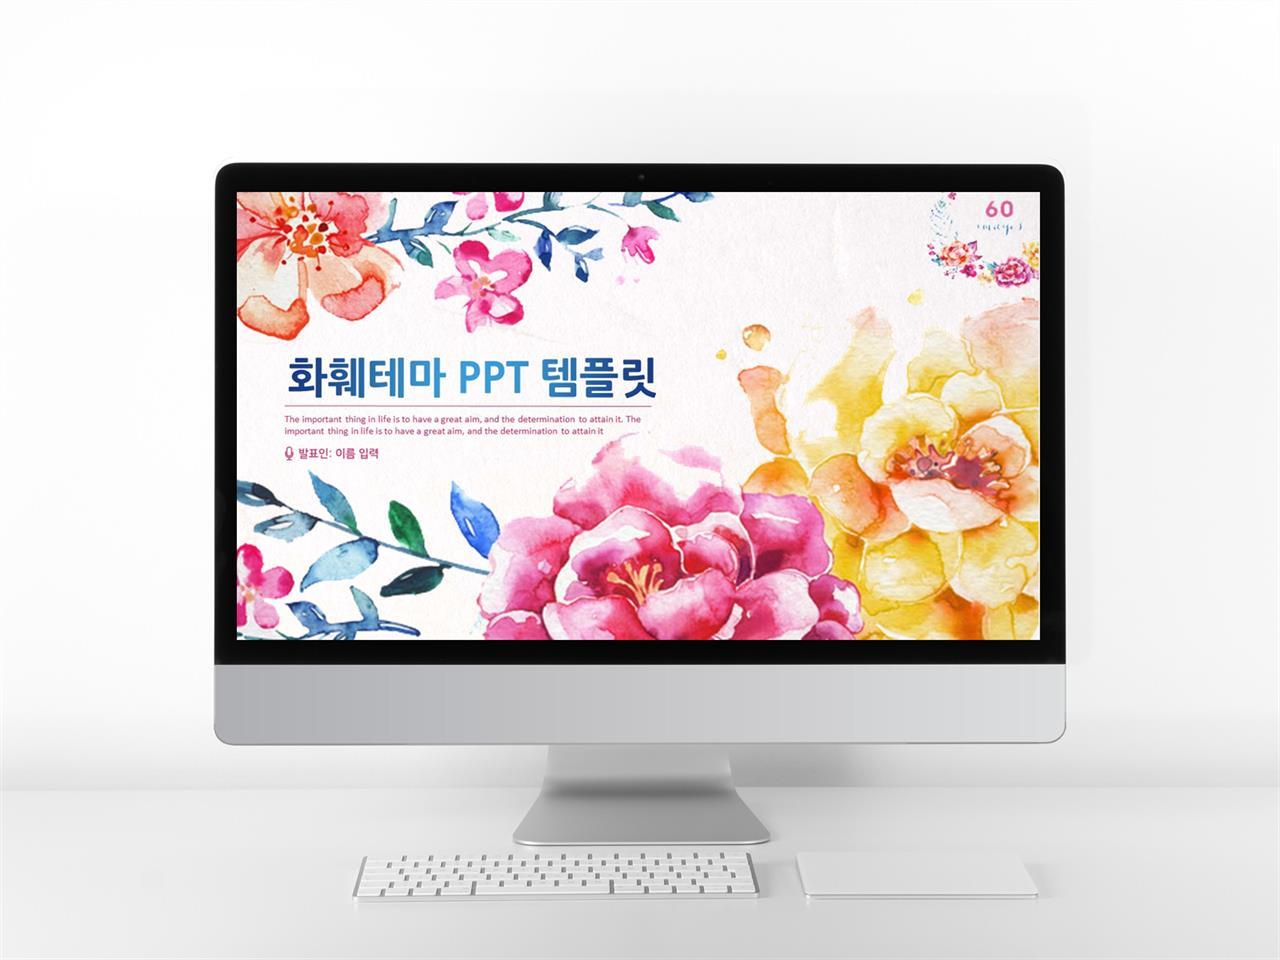 화훼, 동물주제 빨간색 귀여운 고급스럽운 파워포인트템플릿 사이트 미리보기